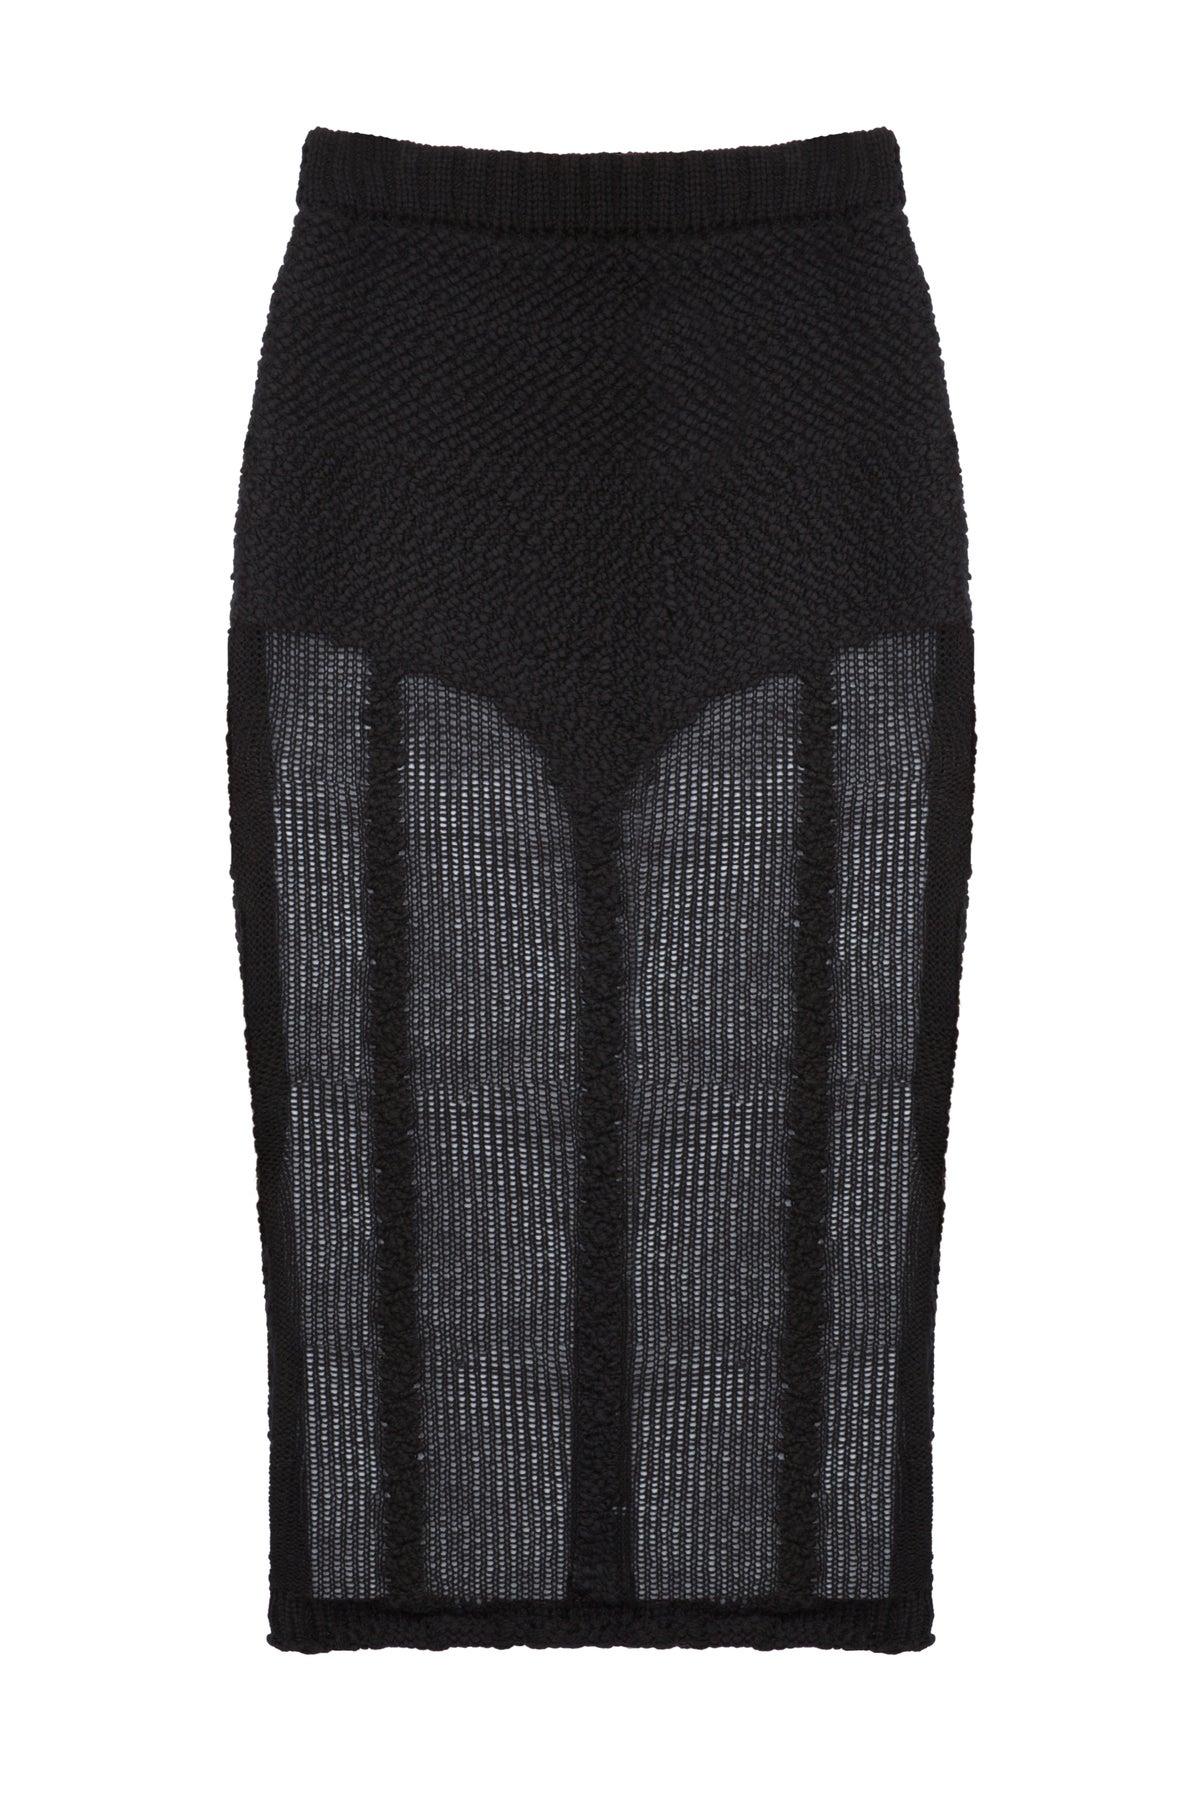 Image of Hand Knit Lingerie Skirt